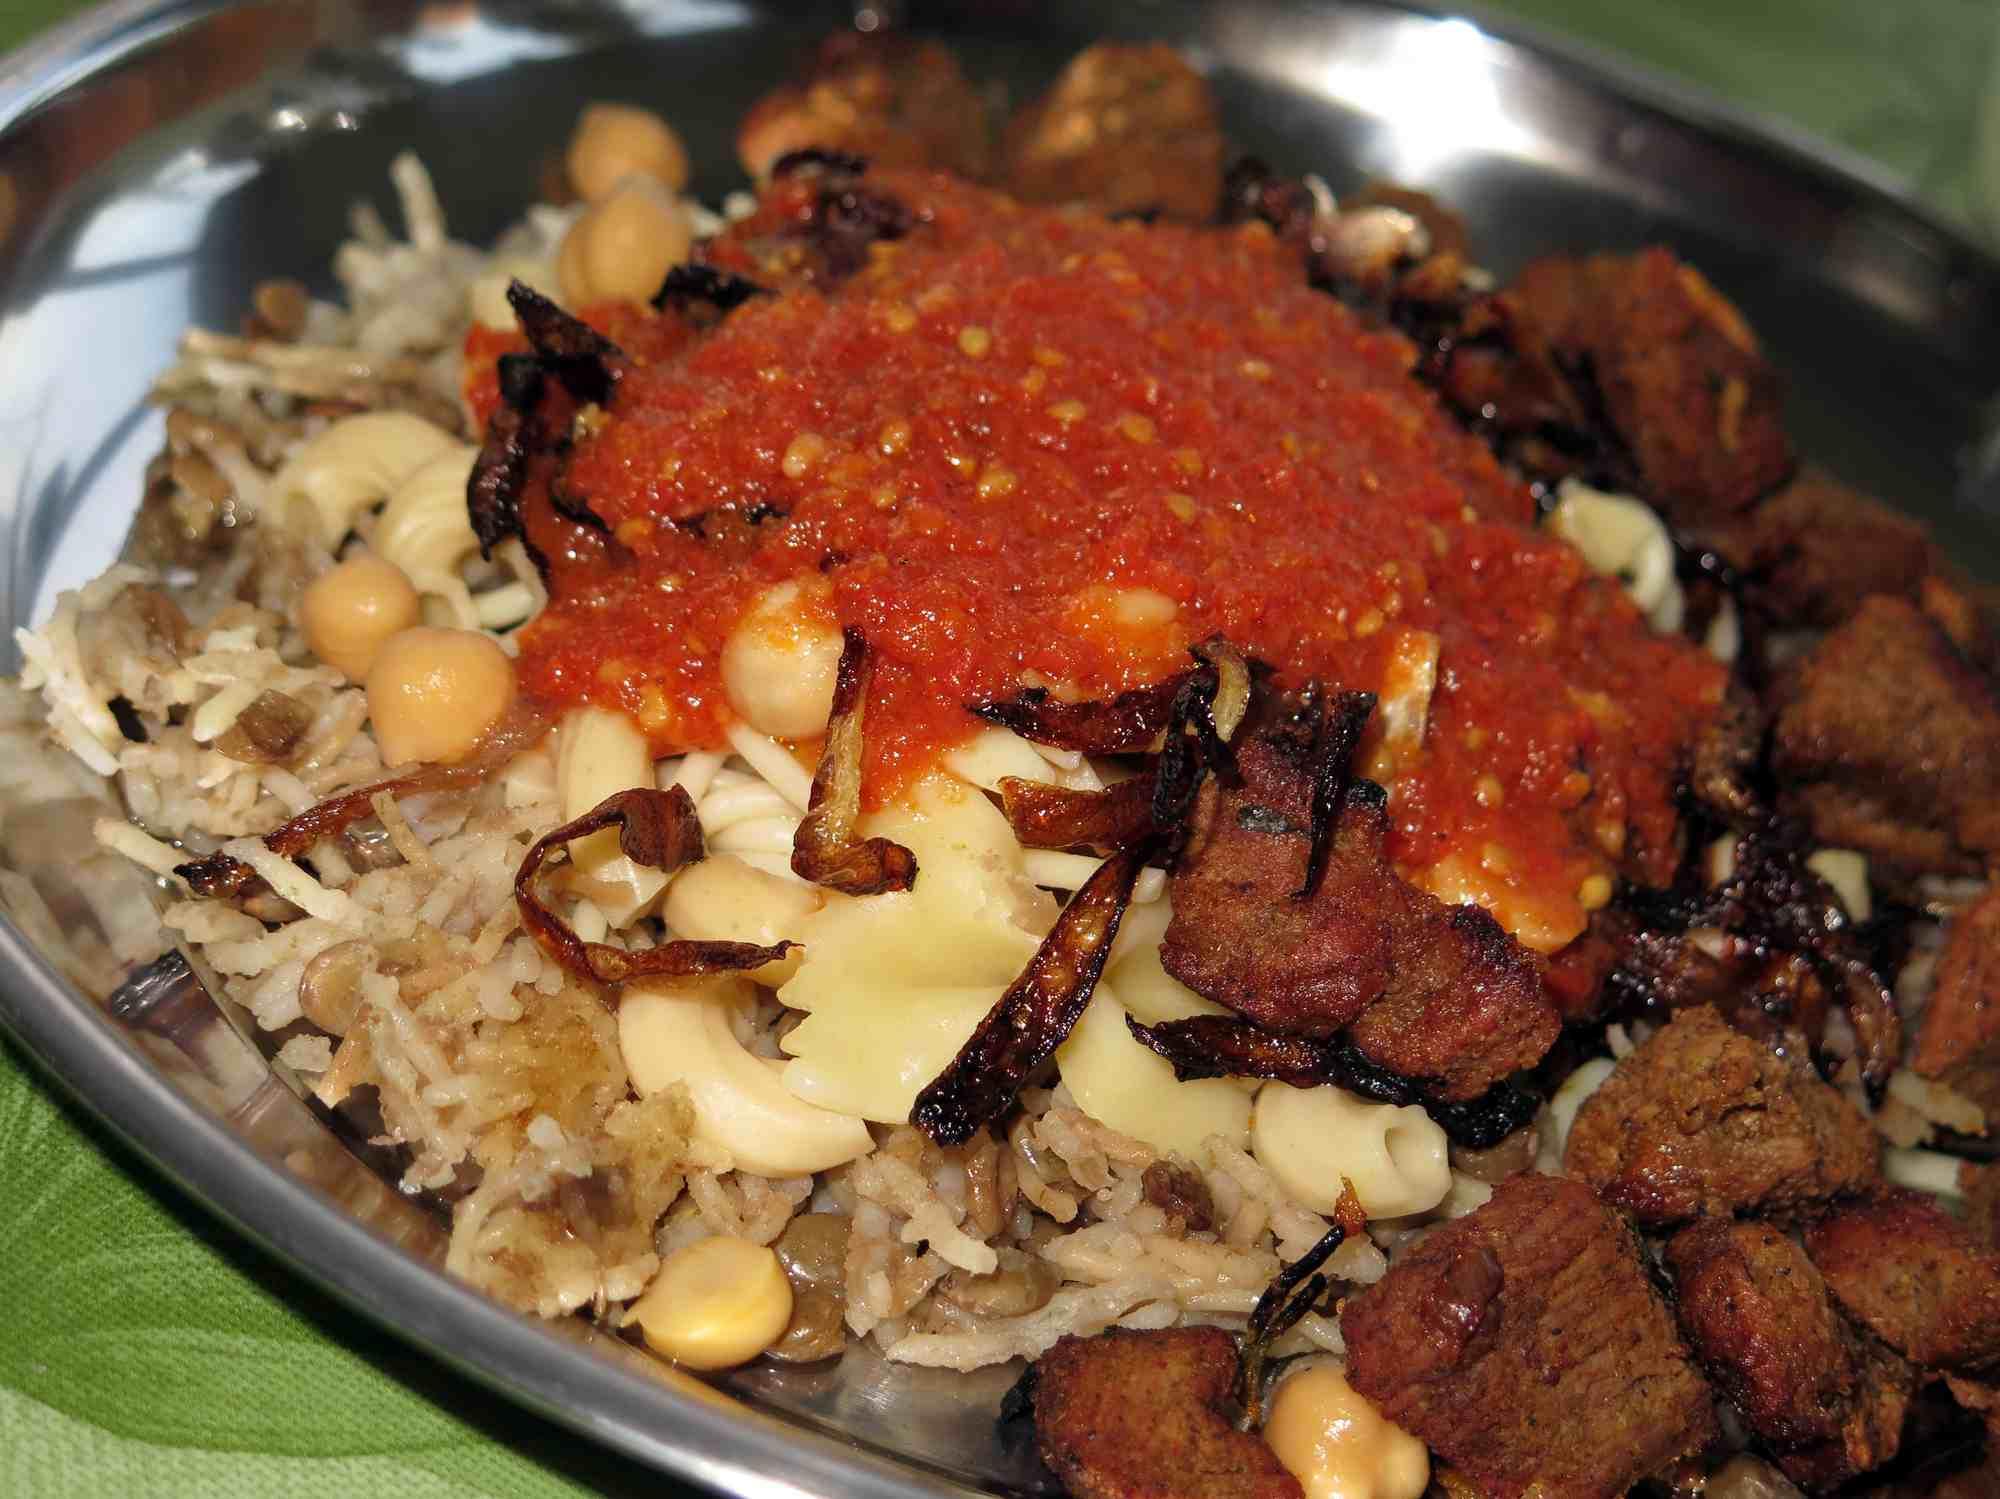 Koshary, a traditional Egyptian dish